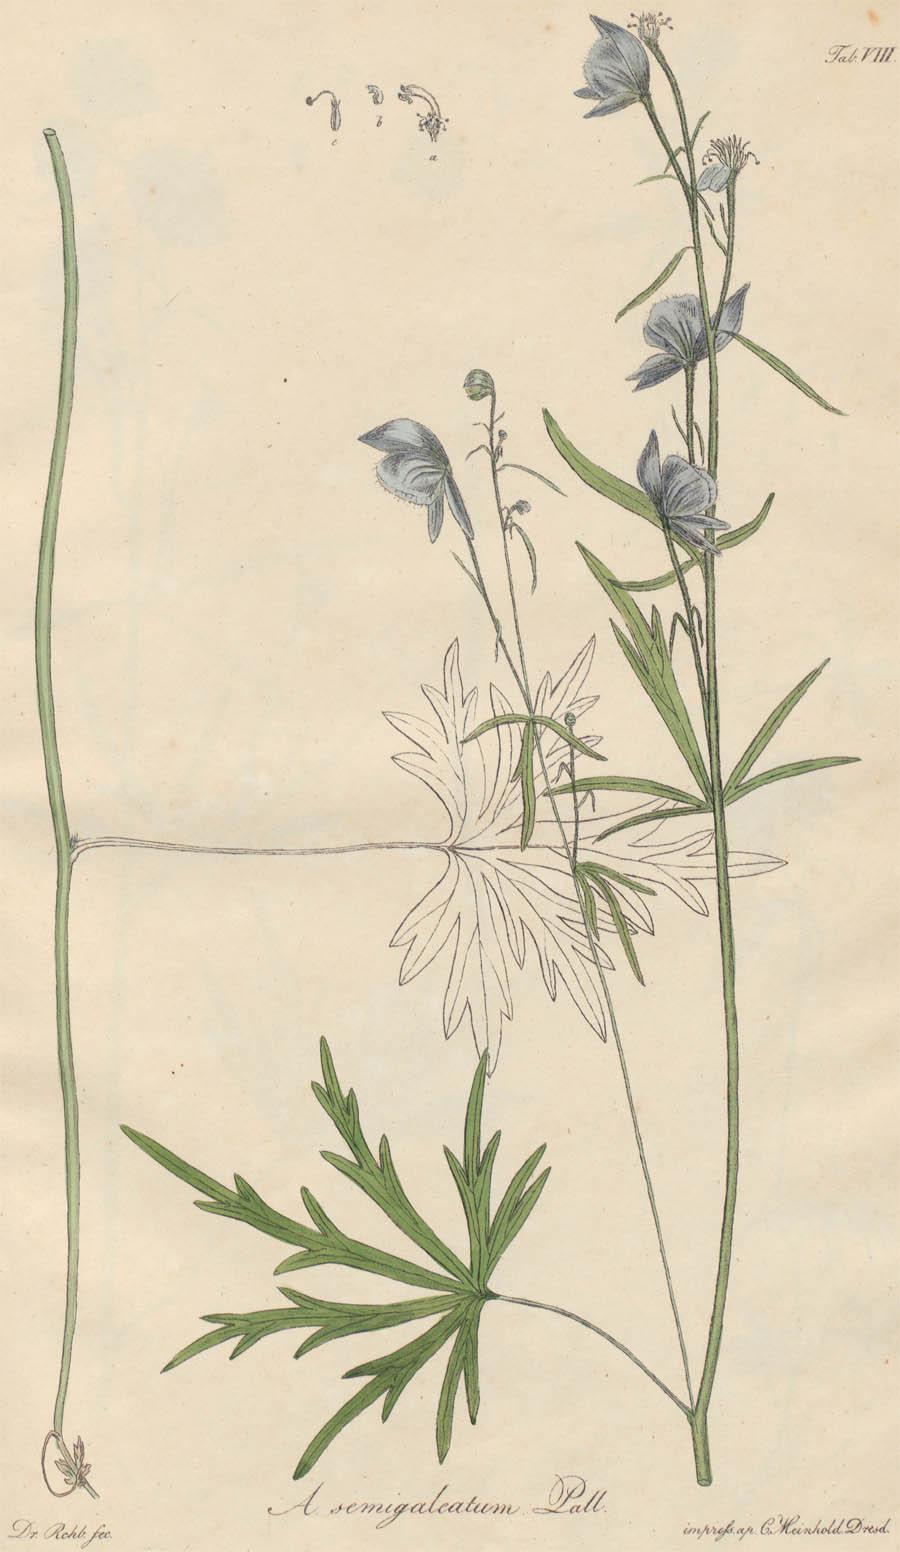 Aconitum_semigaleatum_4a.jpg